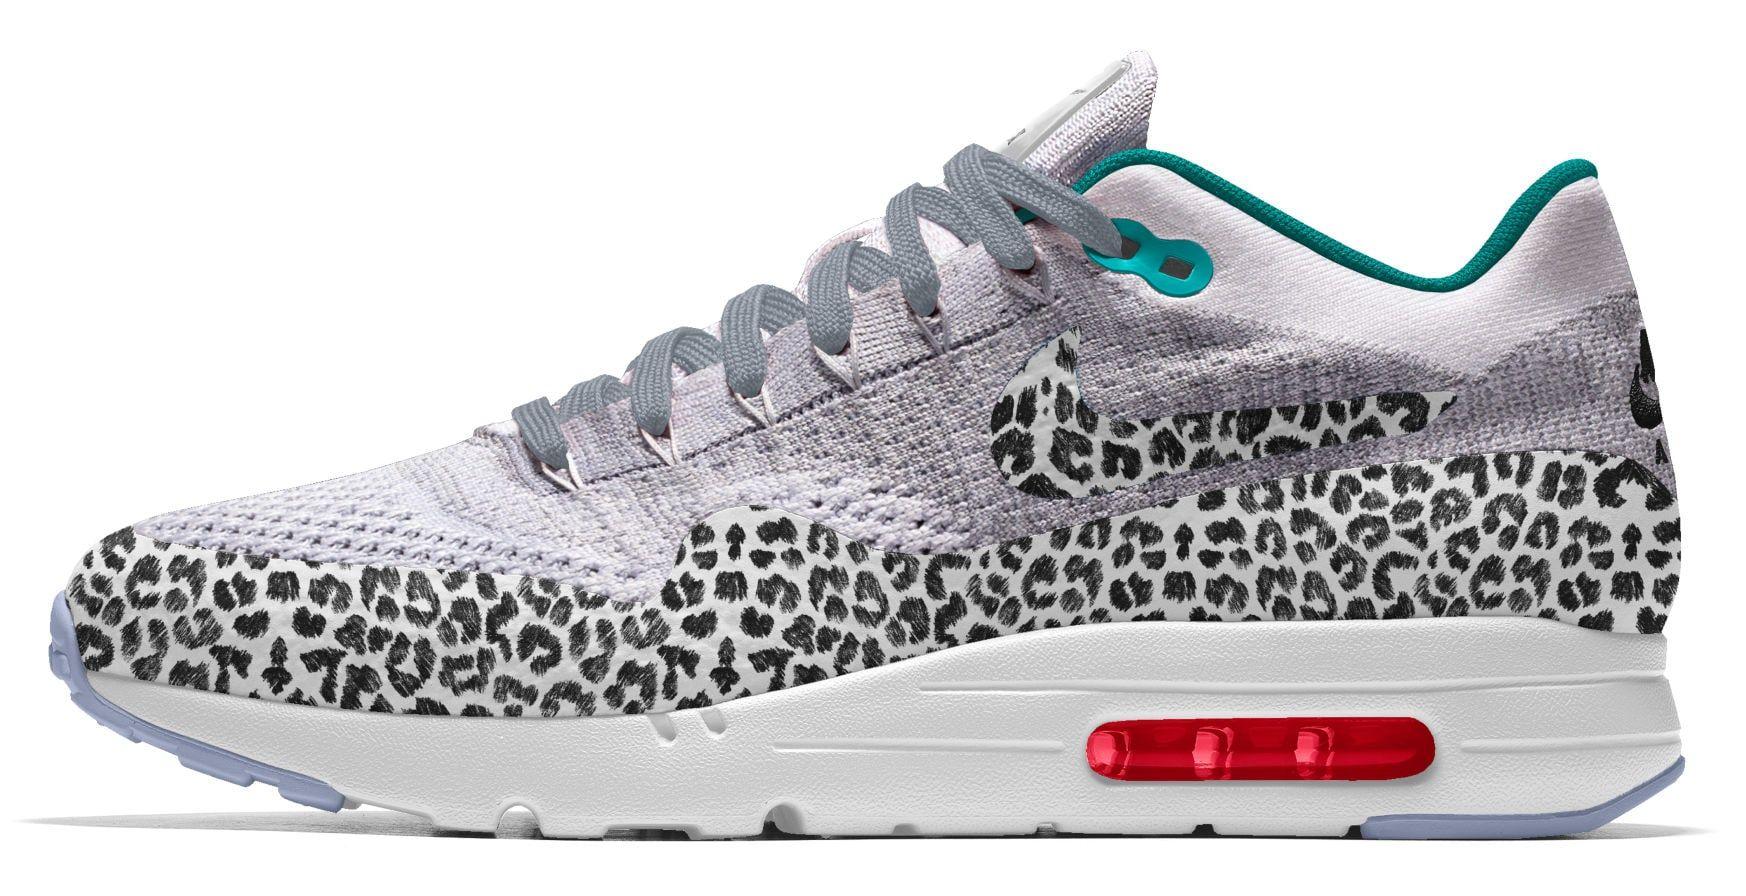 official photos 614c7 49197 Nike iD Air Max 1 Ultra Flyknit Cheetah | Nike Sportswear ...